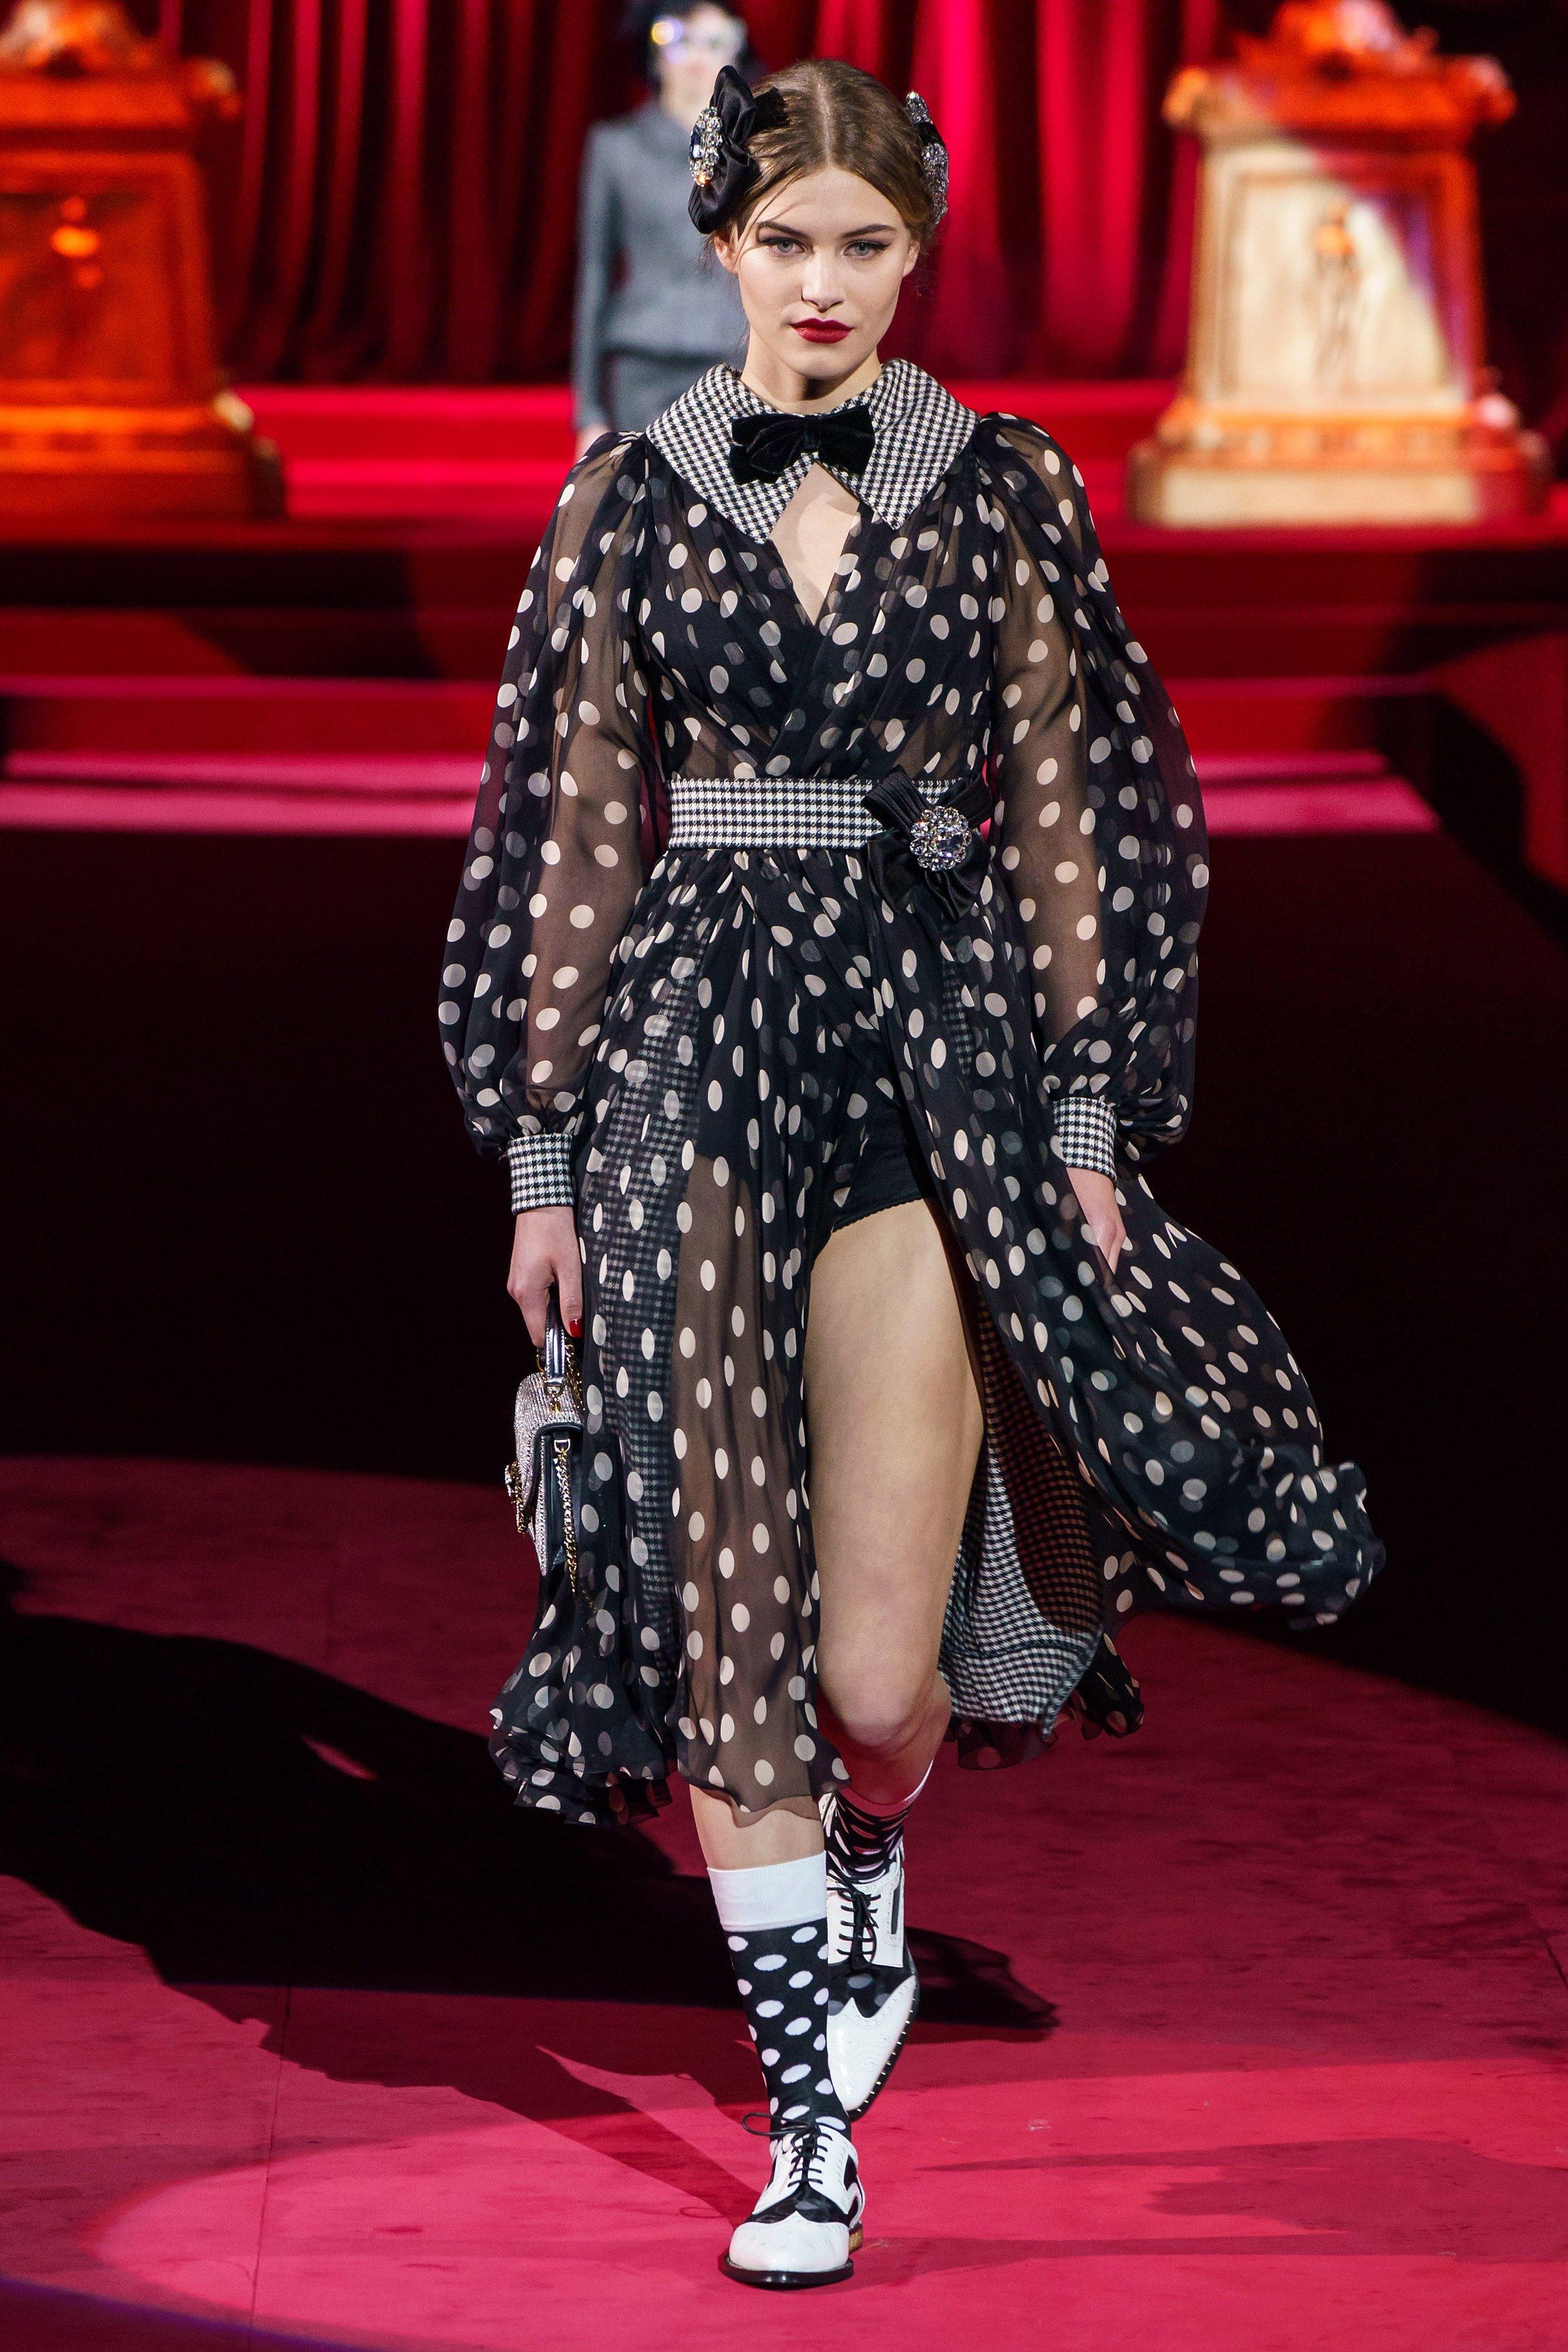 Dolce & Gabbana - Fall 2019